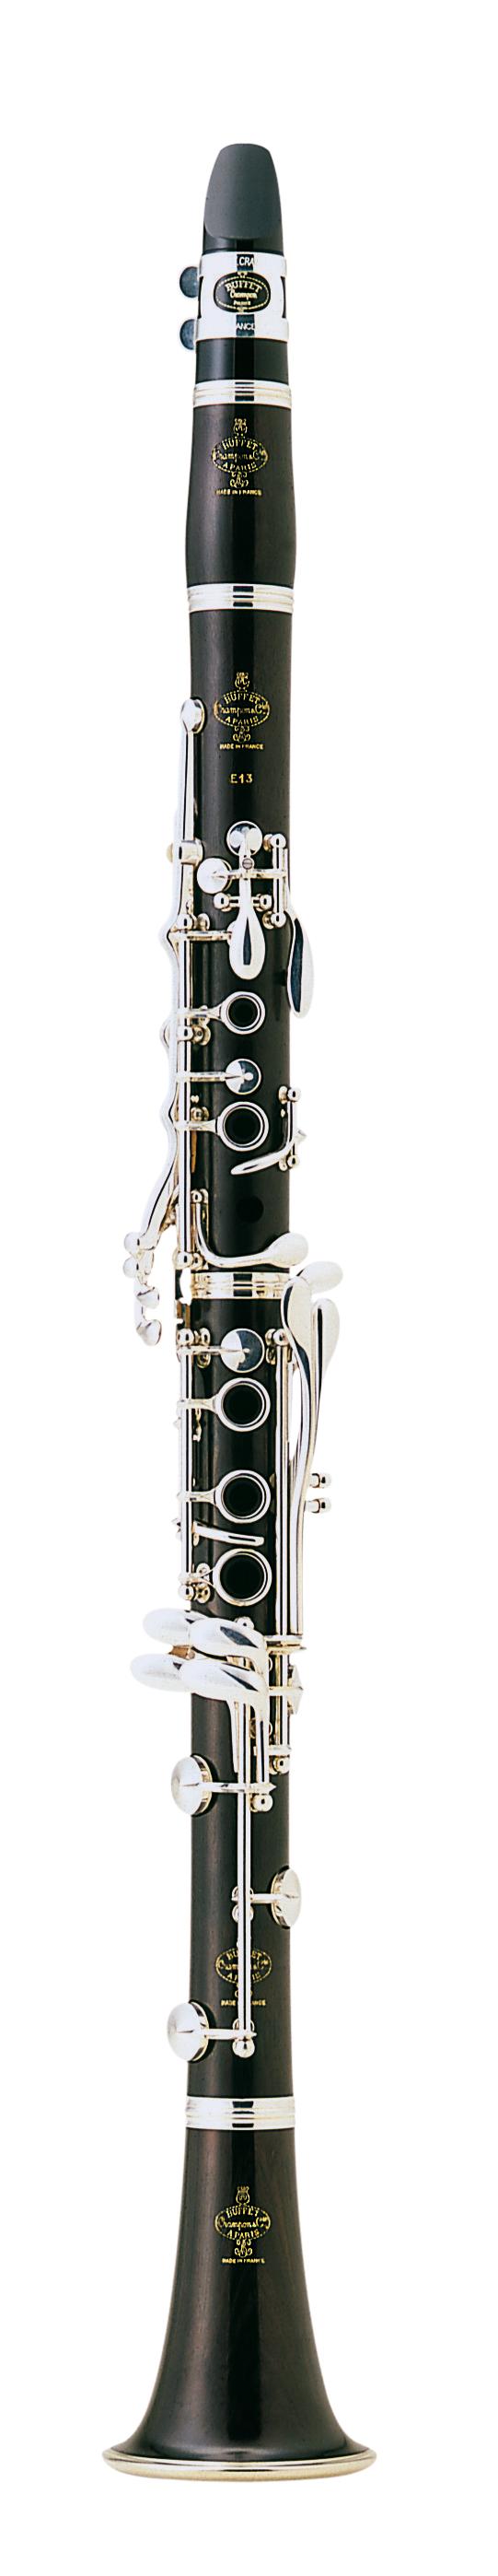 Buffet - BC-1102C-2-0GB - E-13 - Holzblasinstrumente - Klarinetten | MUSIK BERTRAM Deutschland Freiburg